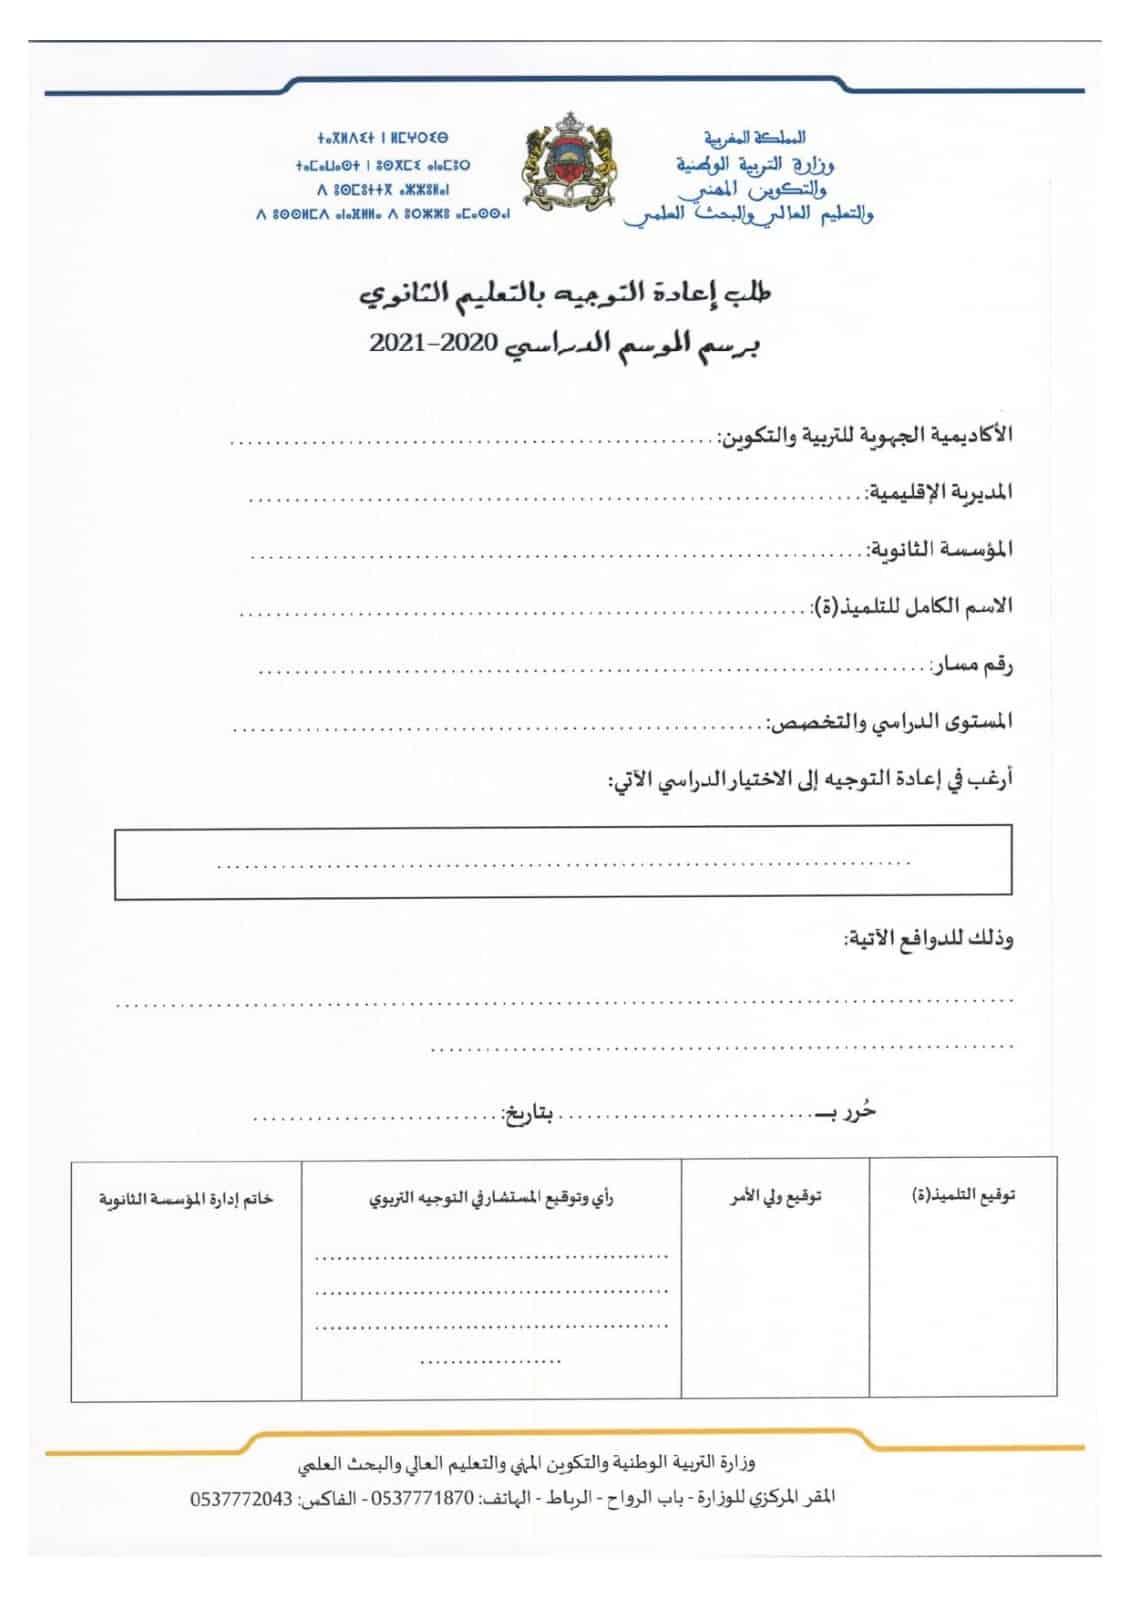 مطبوع طلب إعادة التوجيه